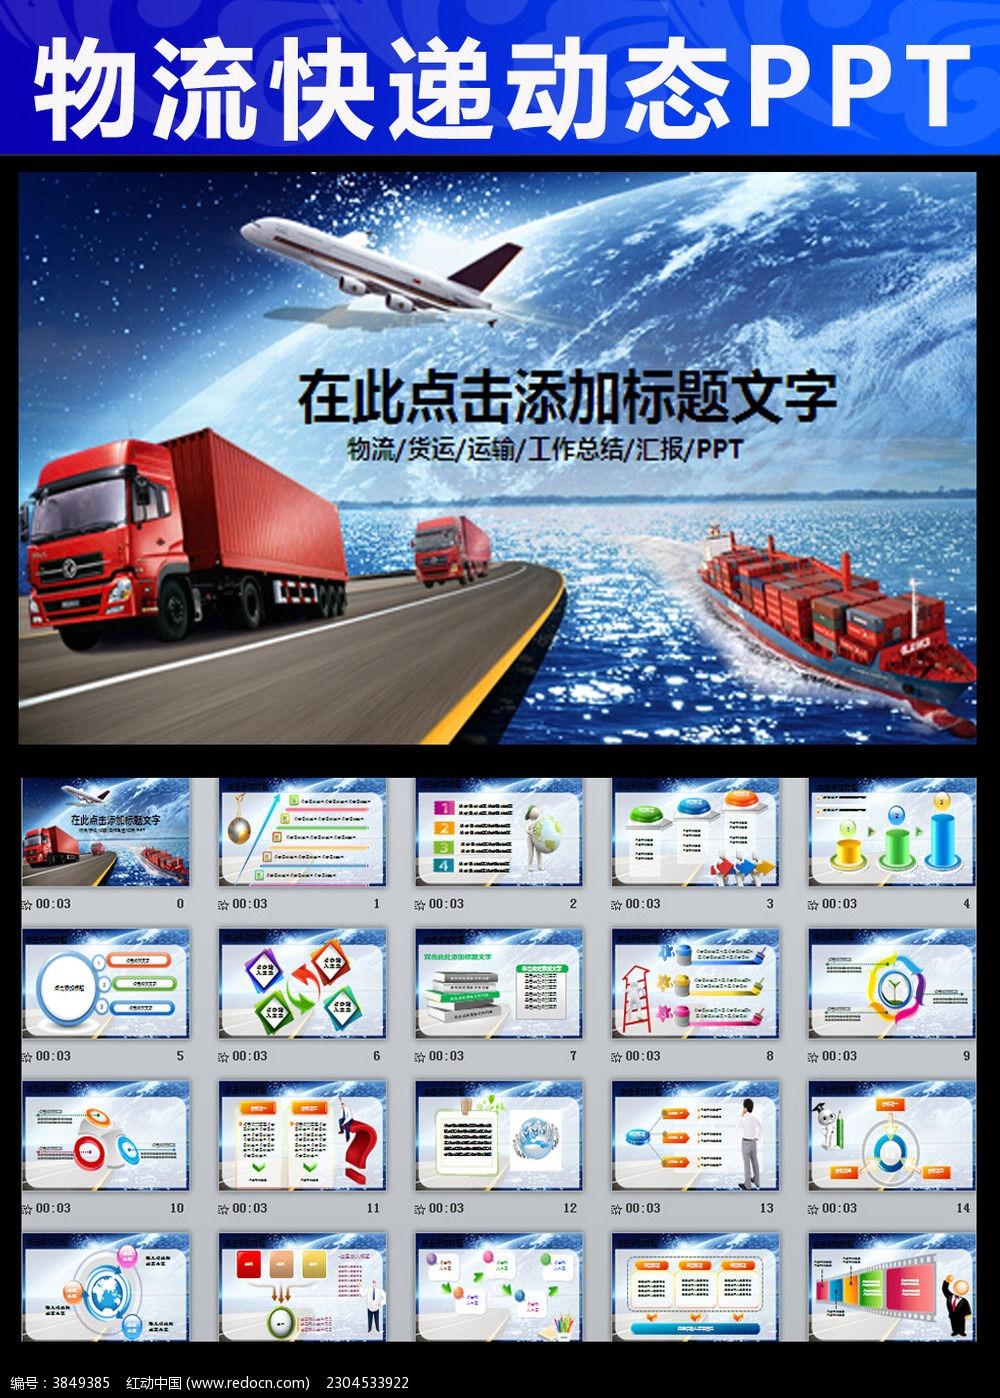 集装箱 仓促 船务 公司 PPT PPT模板 PPT图表 动态PPT 会议 报告